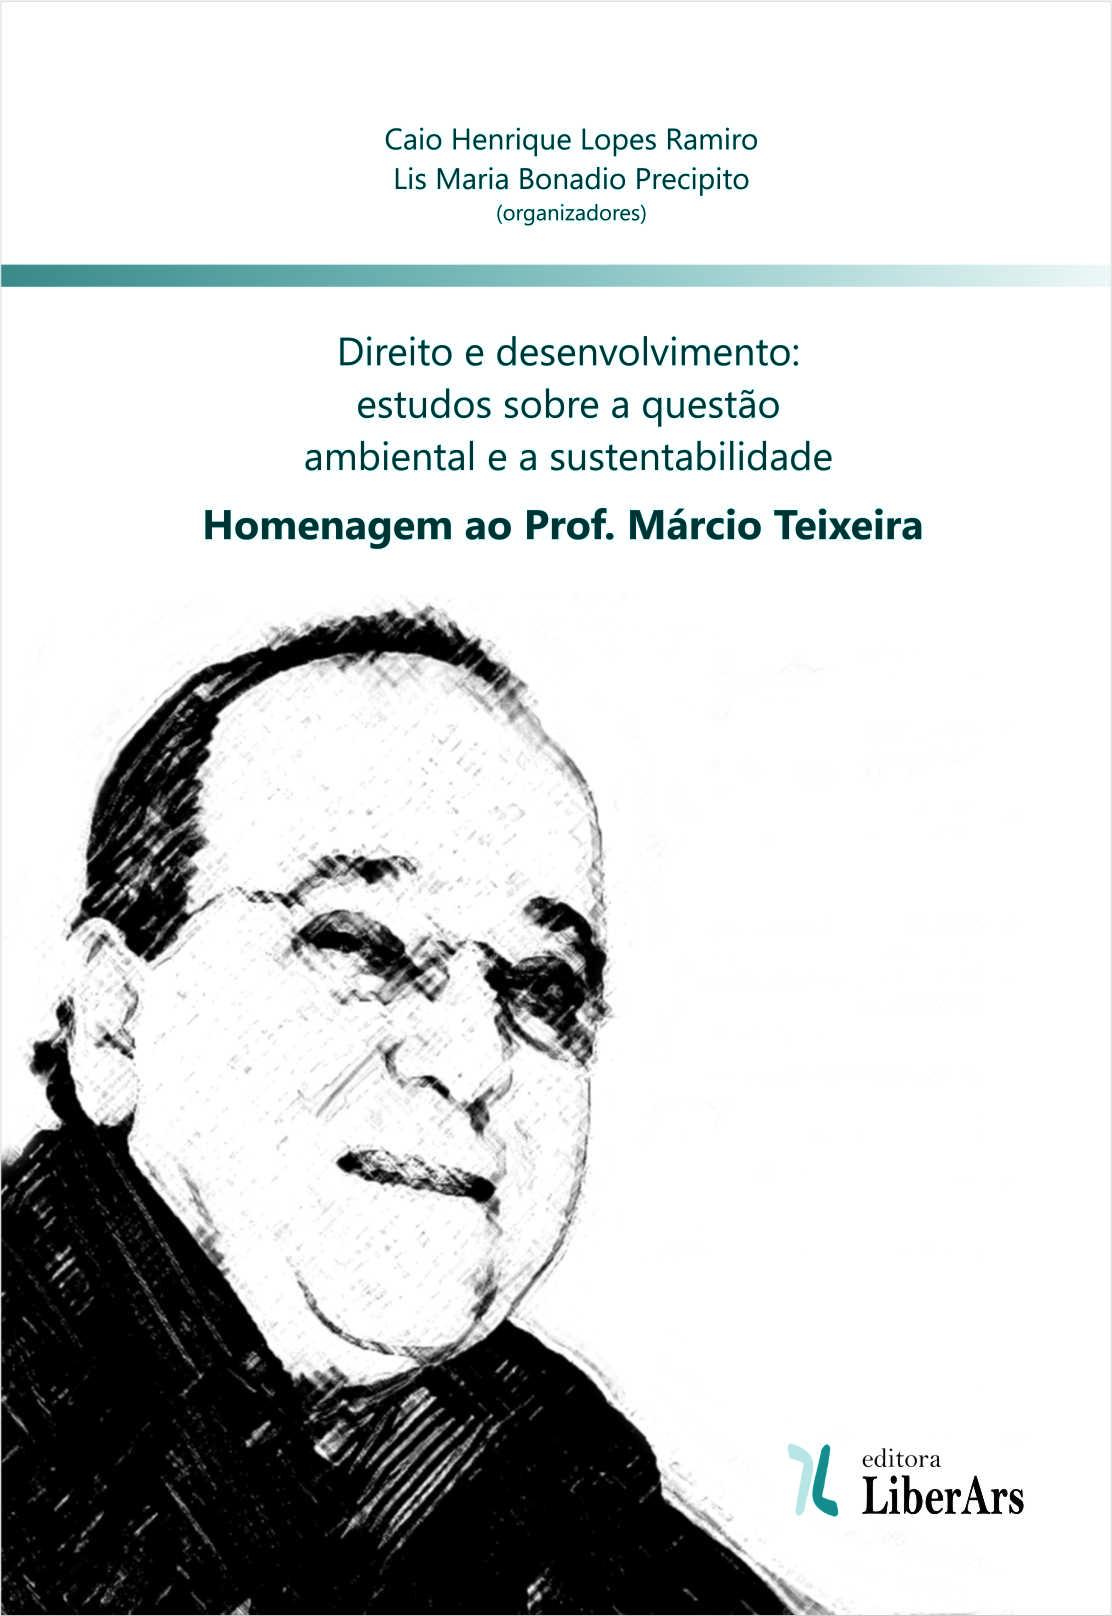 Direito e desenvolvimento - estudos sobre a questão ambiental e a sustentabilidade: homenagem ao prof. Márcio Teixeira, livro de Caio Henrique Lopes Ramiro, Lis Maria Bonadio Precipito (orgs.)